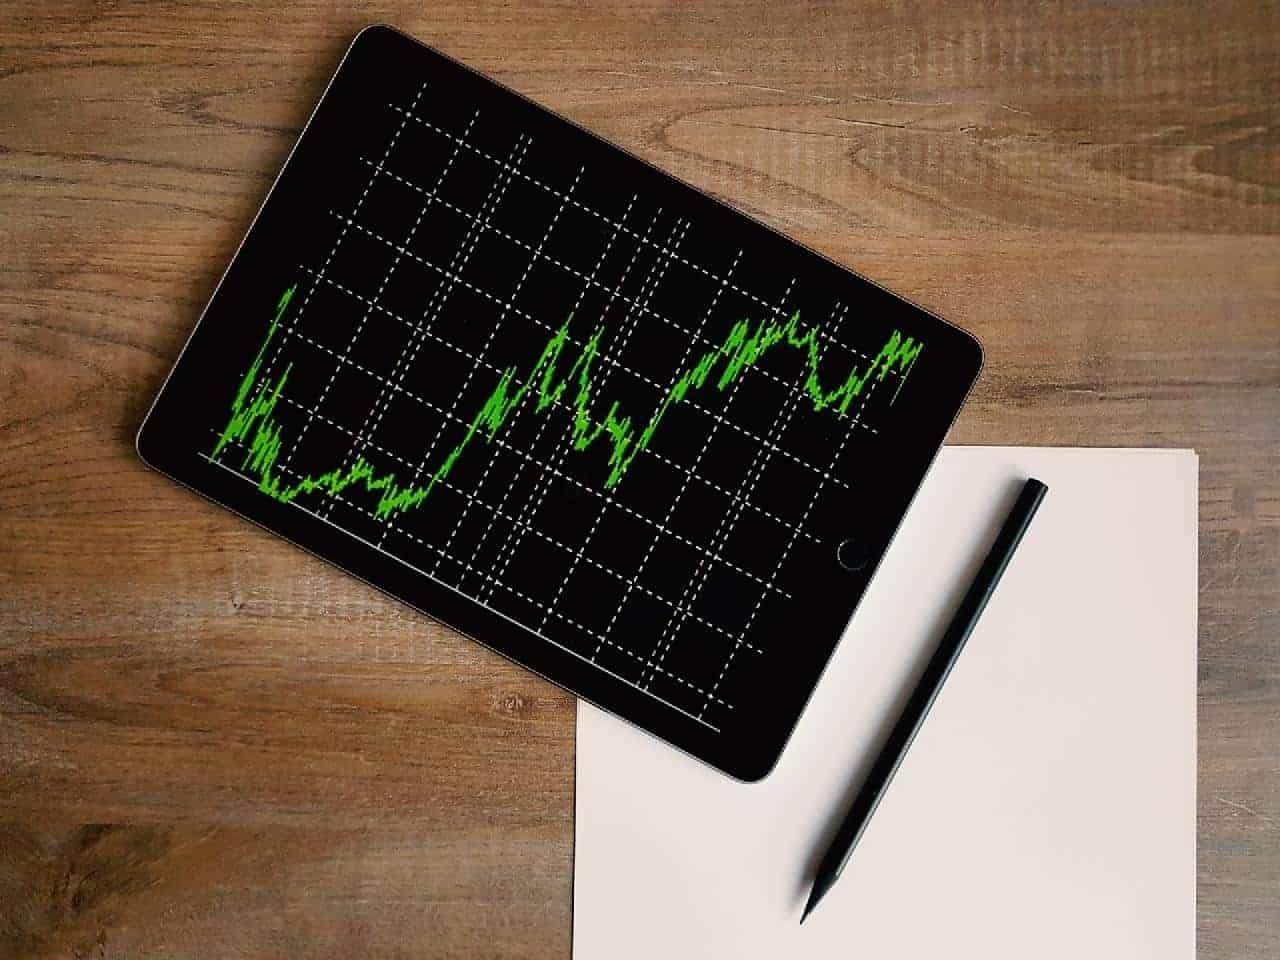 ROI - בדיקת החזר ההשקעה